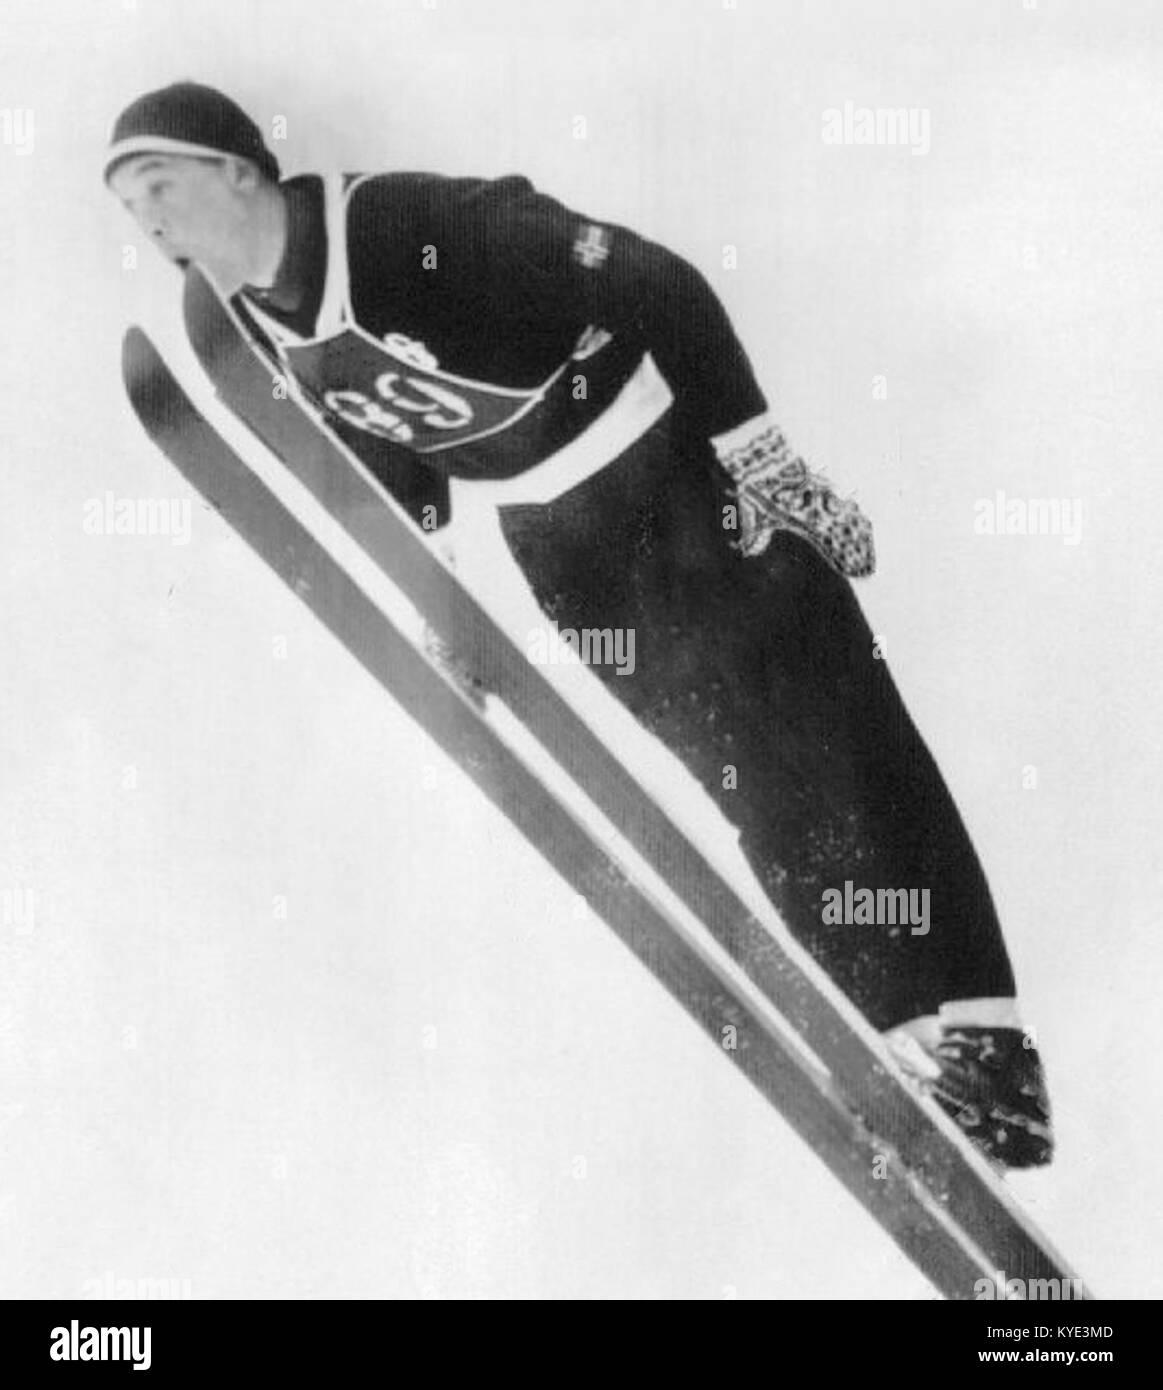 Torbjørn Yggeseth 1960 - Stock Image